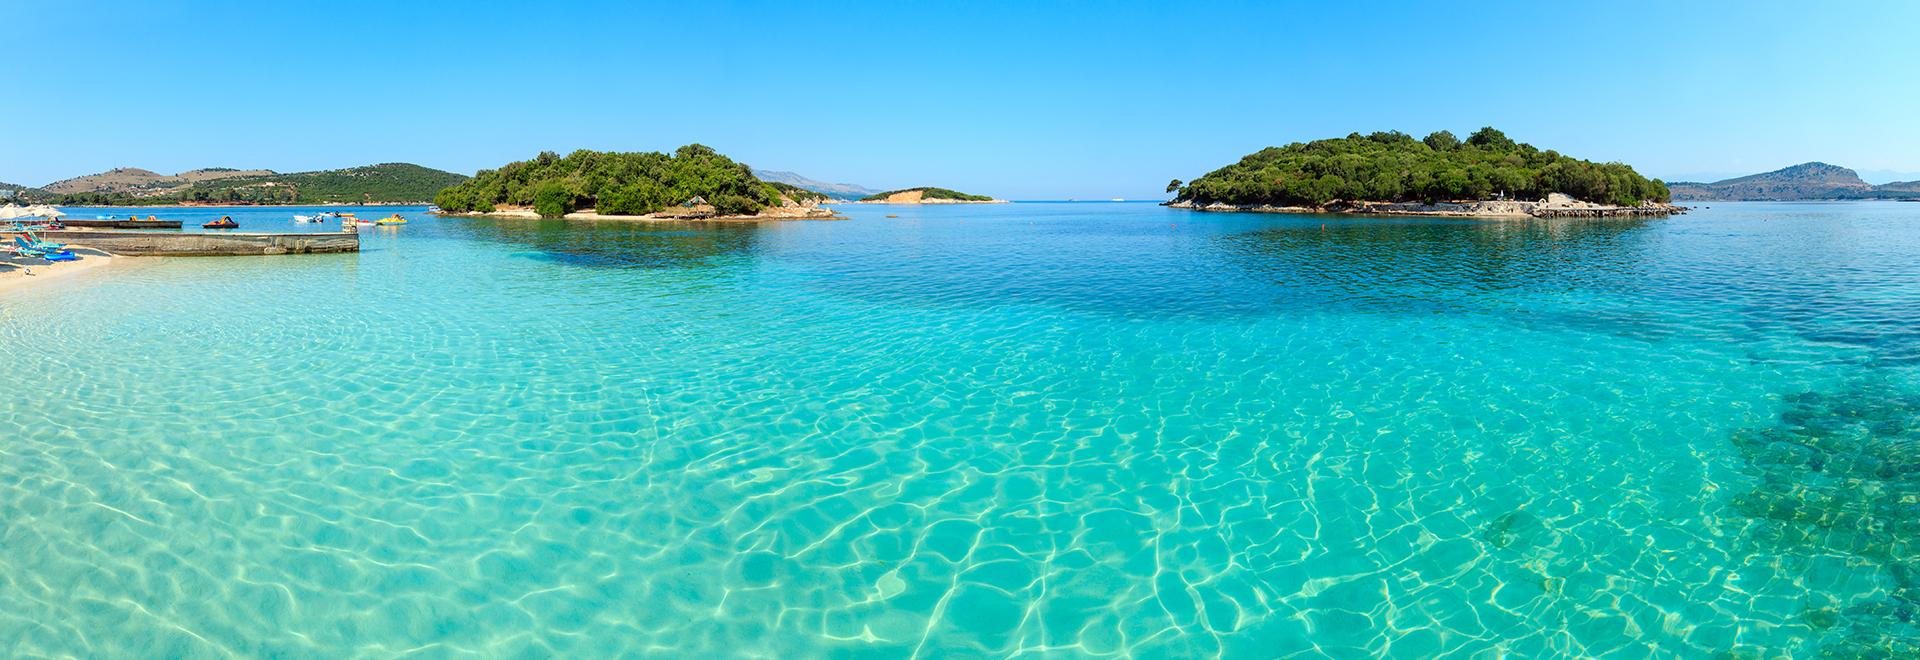 Ksamil plage de Ksamil, ile, Albanie, voyages et vacances en Albanie